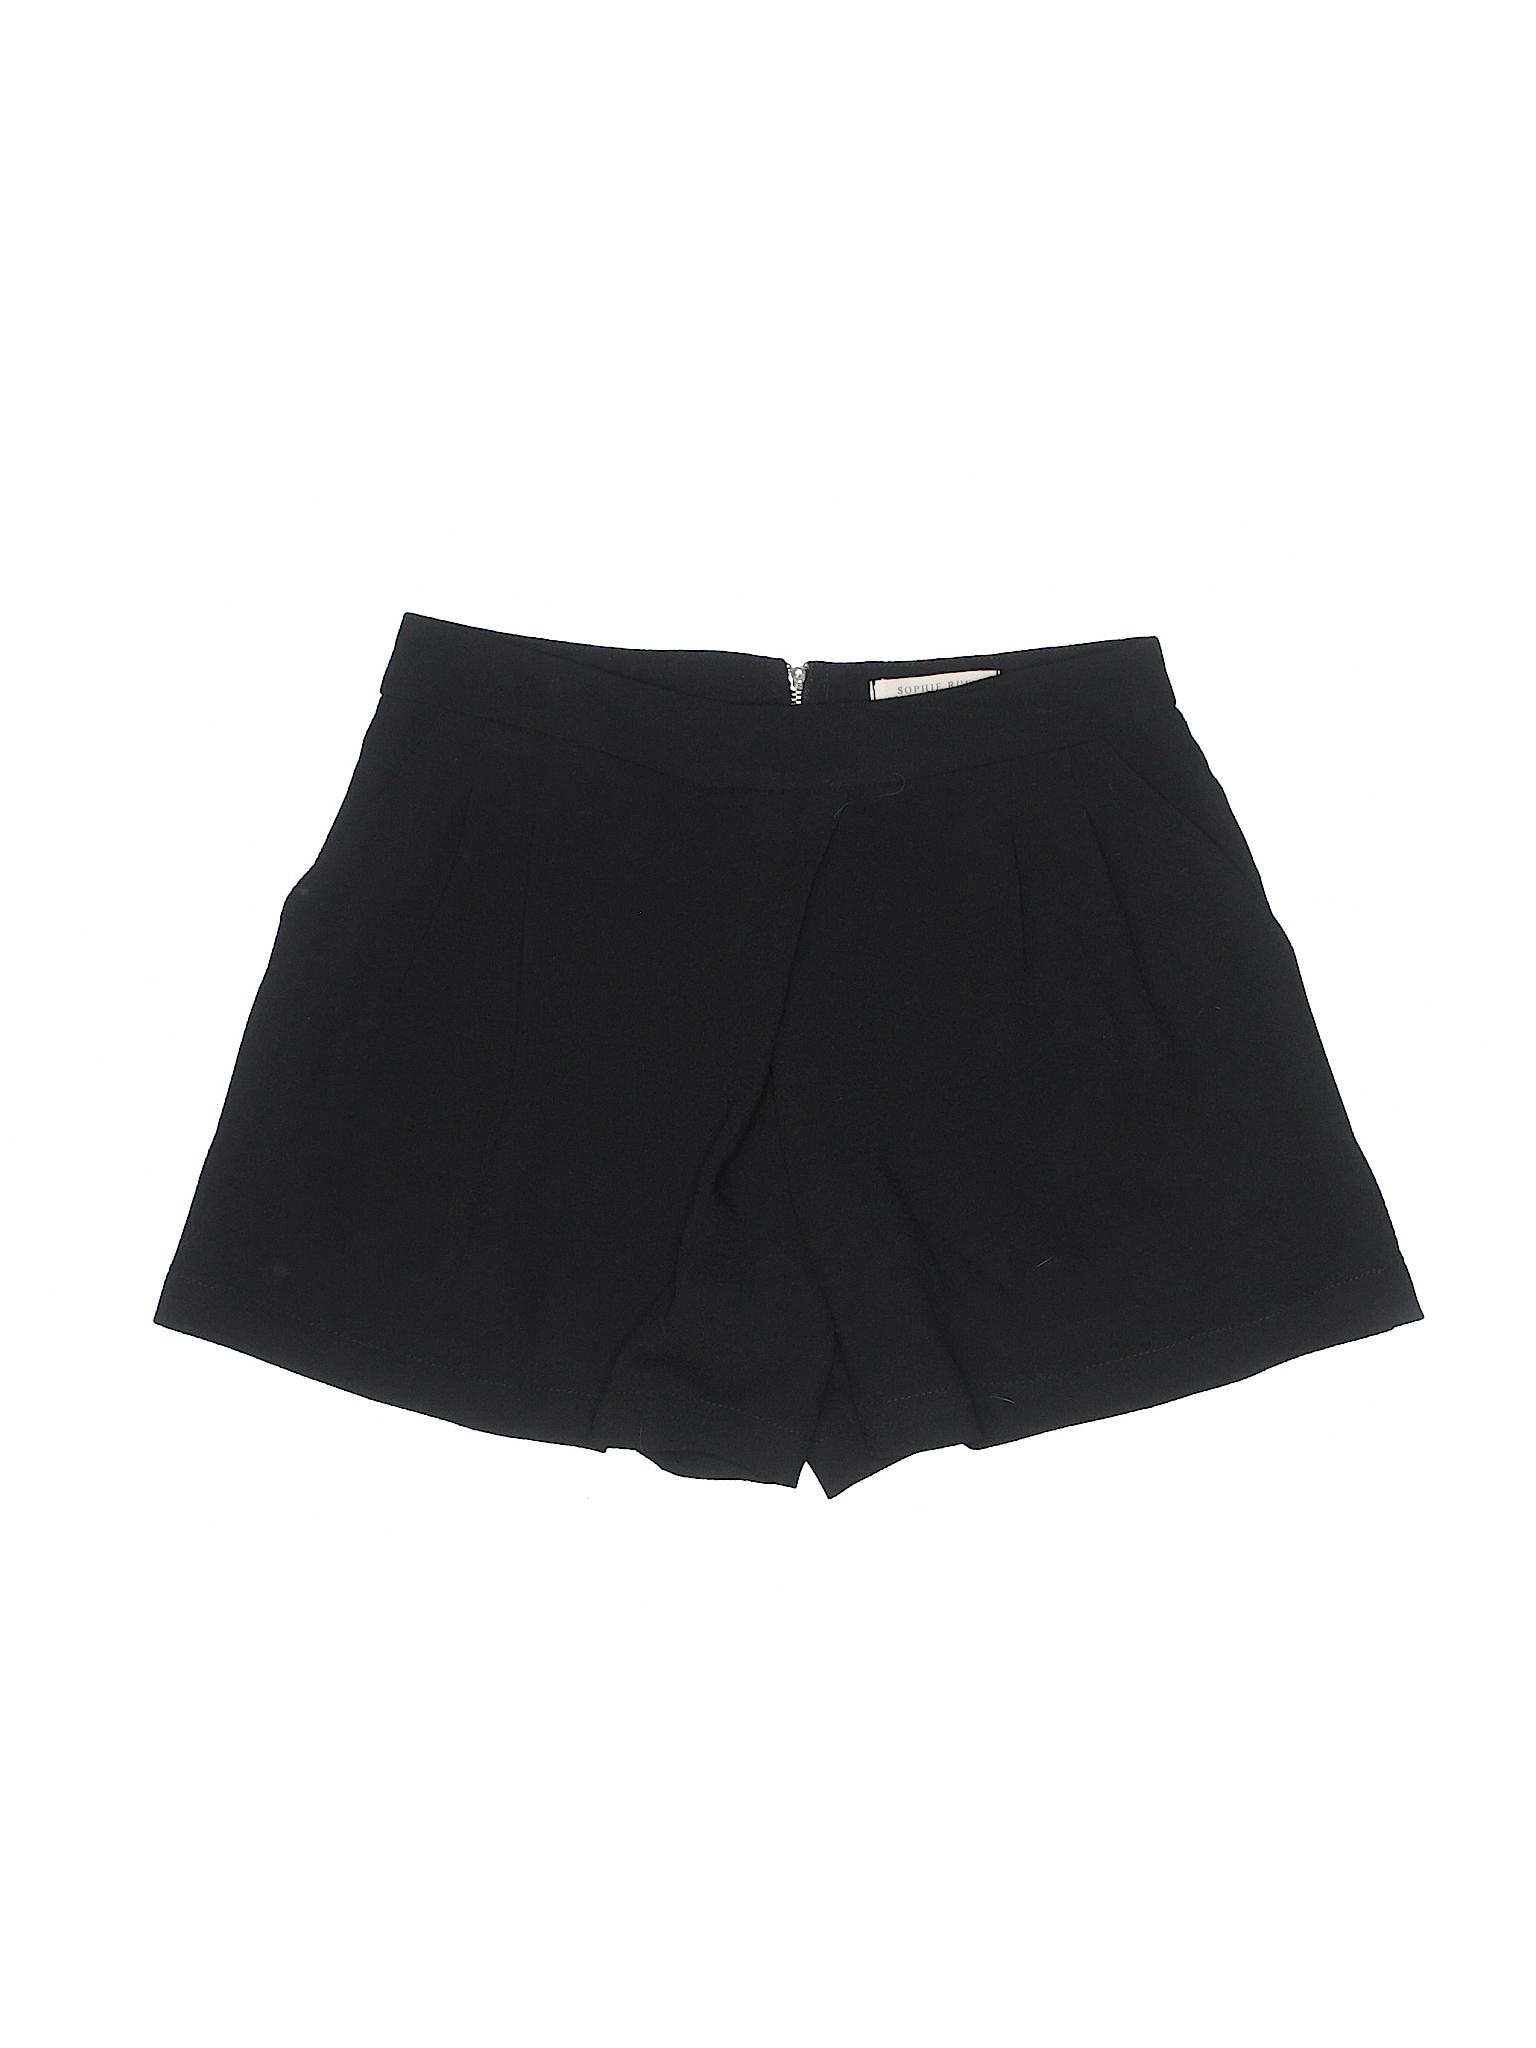 Boutique Shorts Boutique Rue Boutique Sophie Rue Sophie Shorts Shorts Sophie Rue rgHvr7